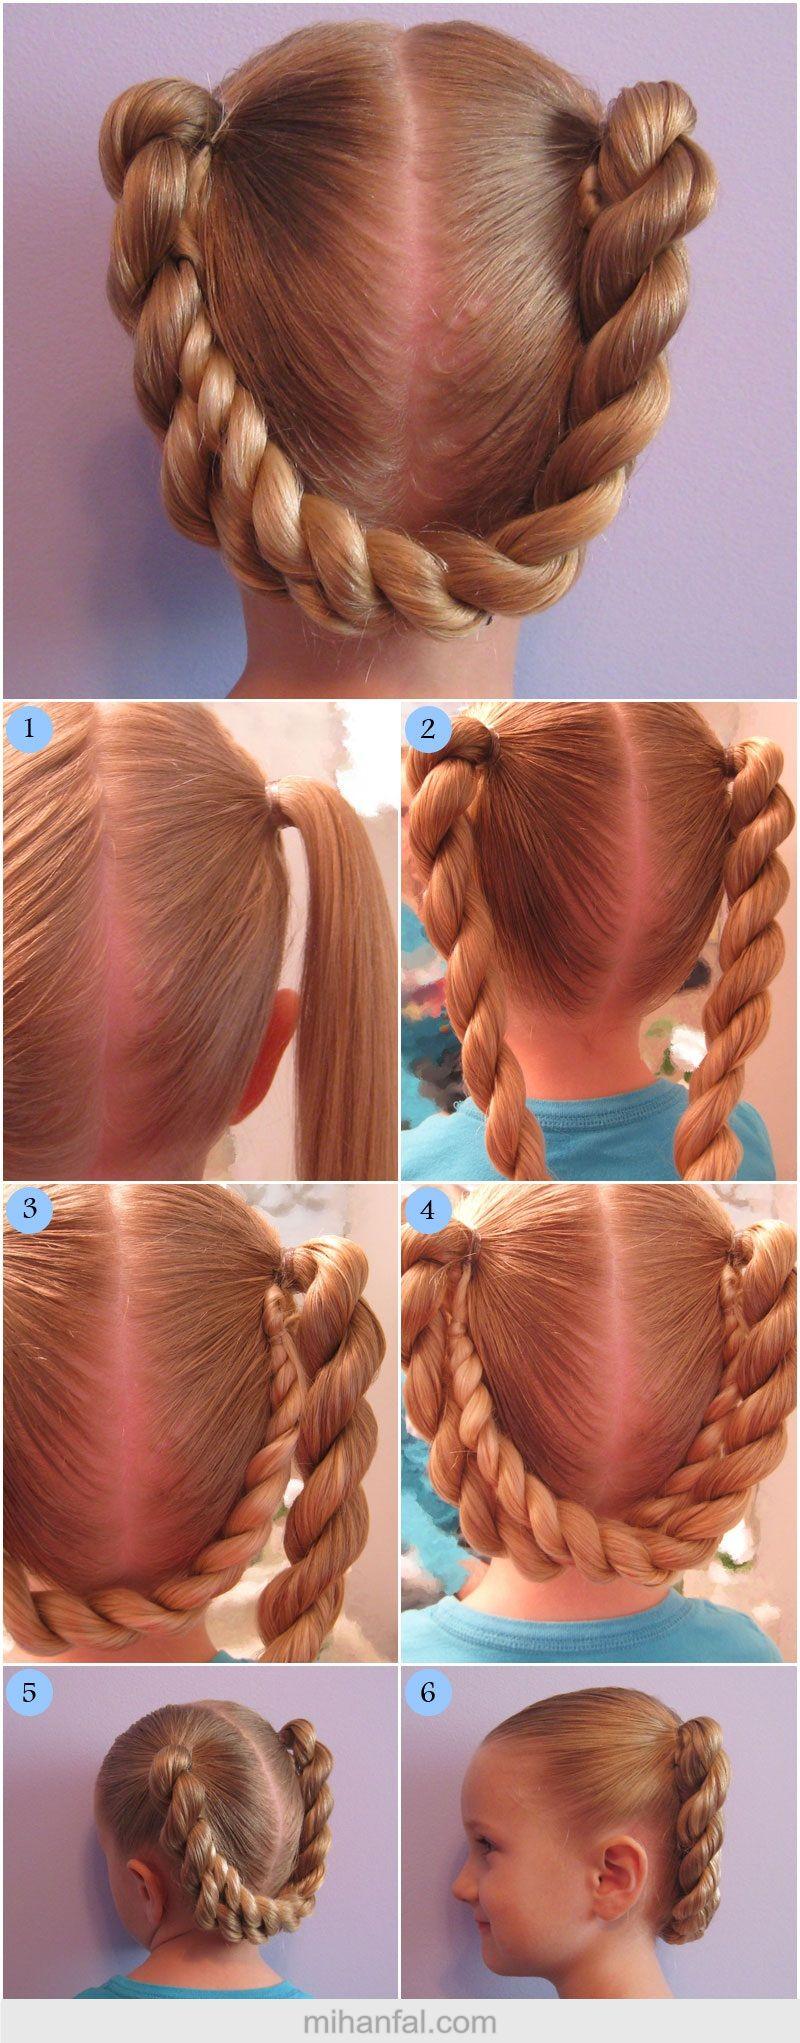 آموزش تصویری یک مدل موی ساده ی دخترانه